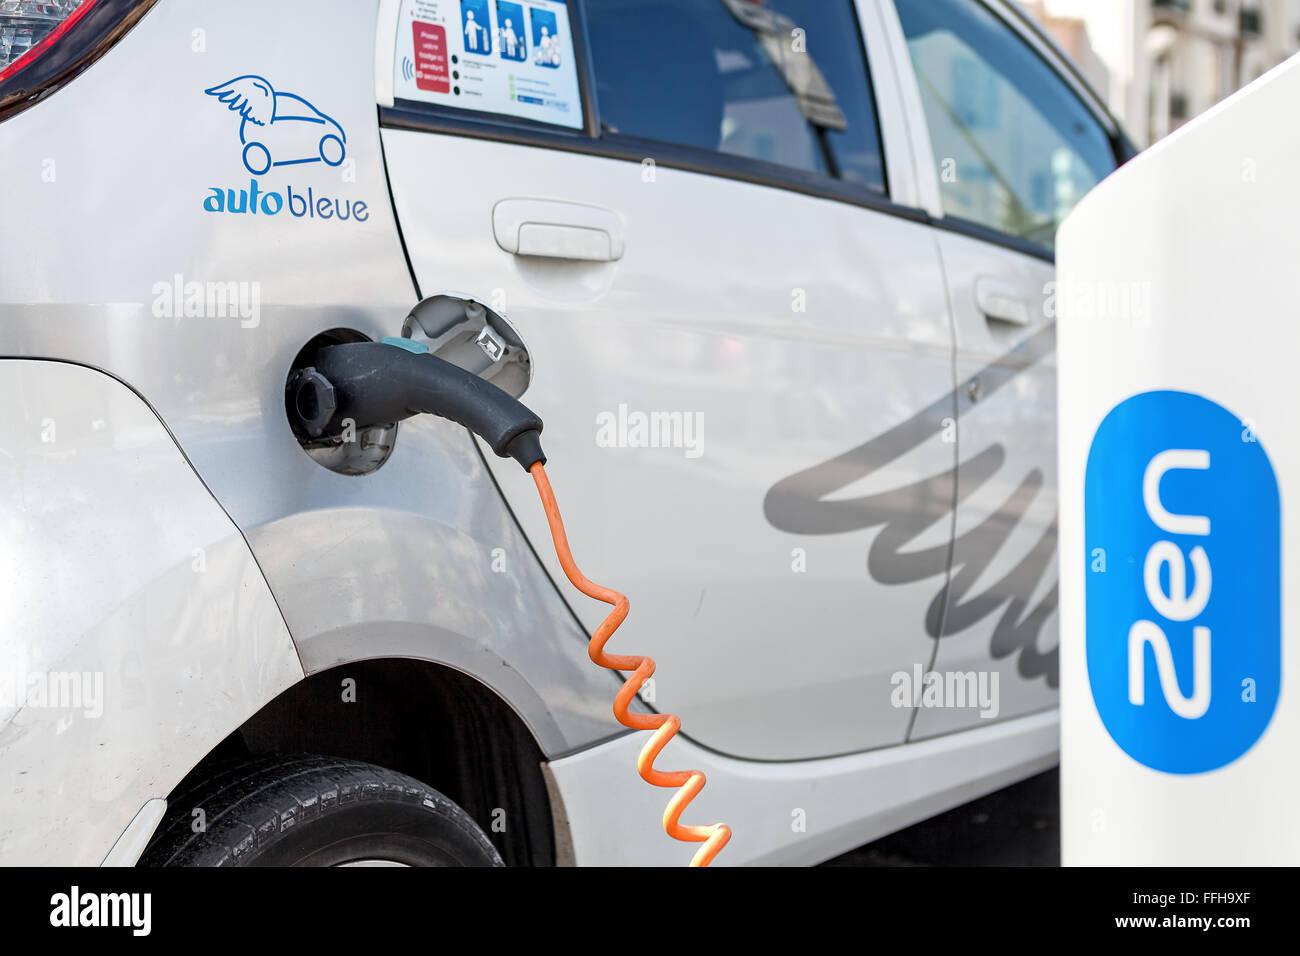 Elektro-Auto an Auto Bleue Ladestation in Nizza, Frankreich. Stockbild